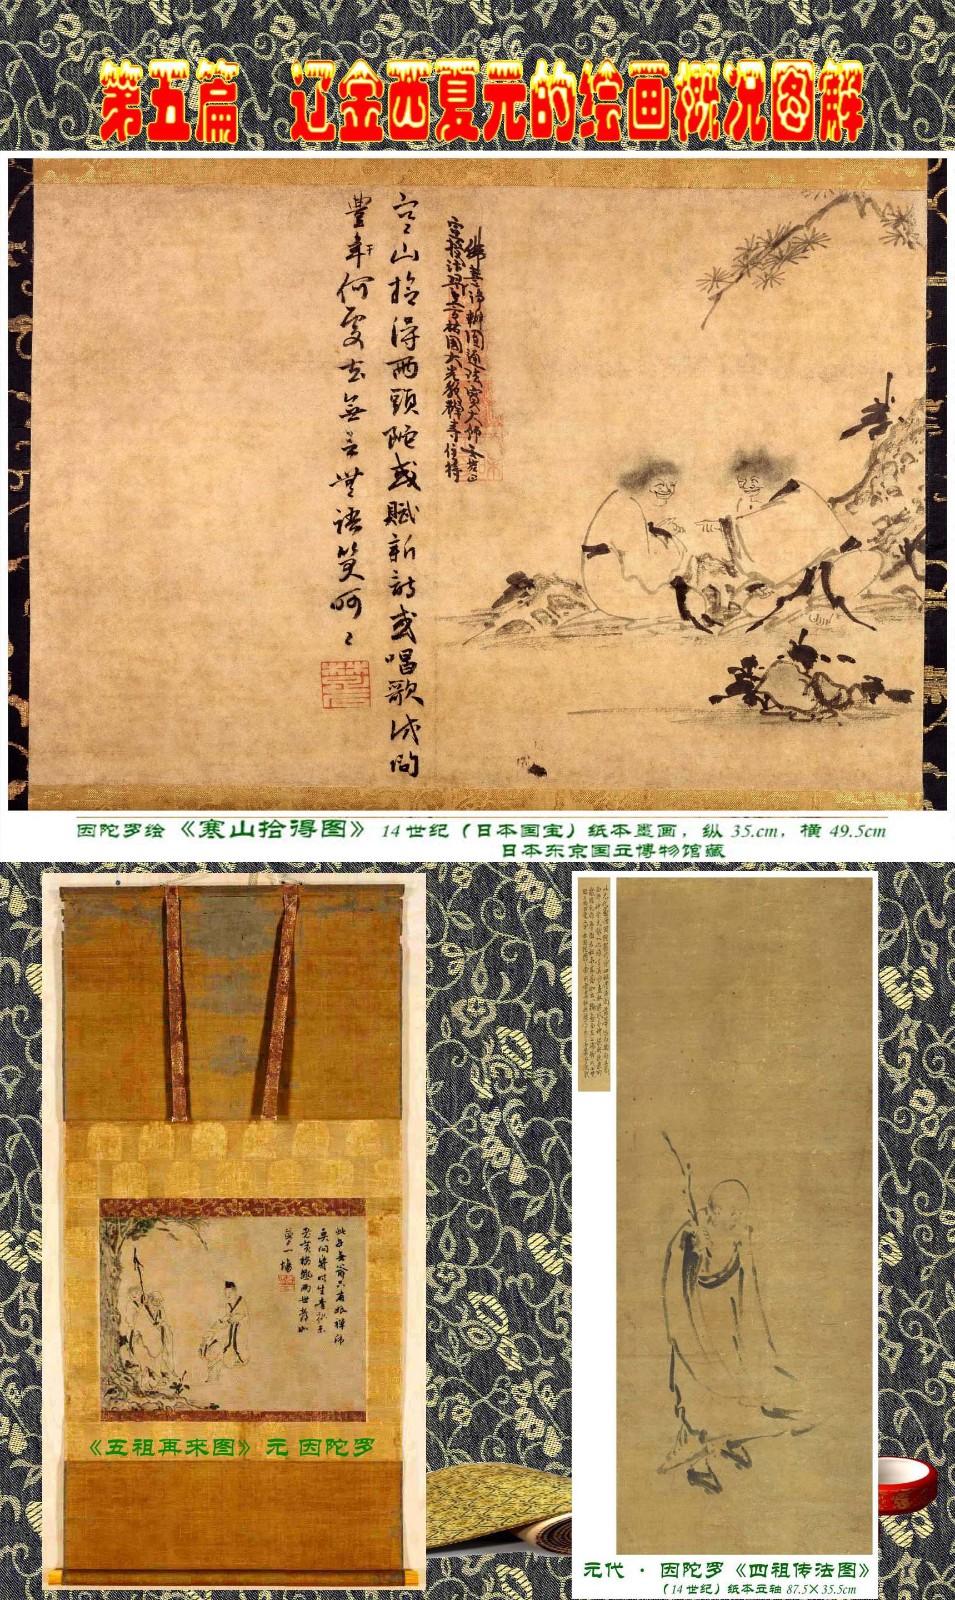 顾绍骅编辑 中国画知识普及版 第五篇 辽金西夏元的绘画概况 下 ... ..._图1-85